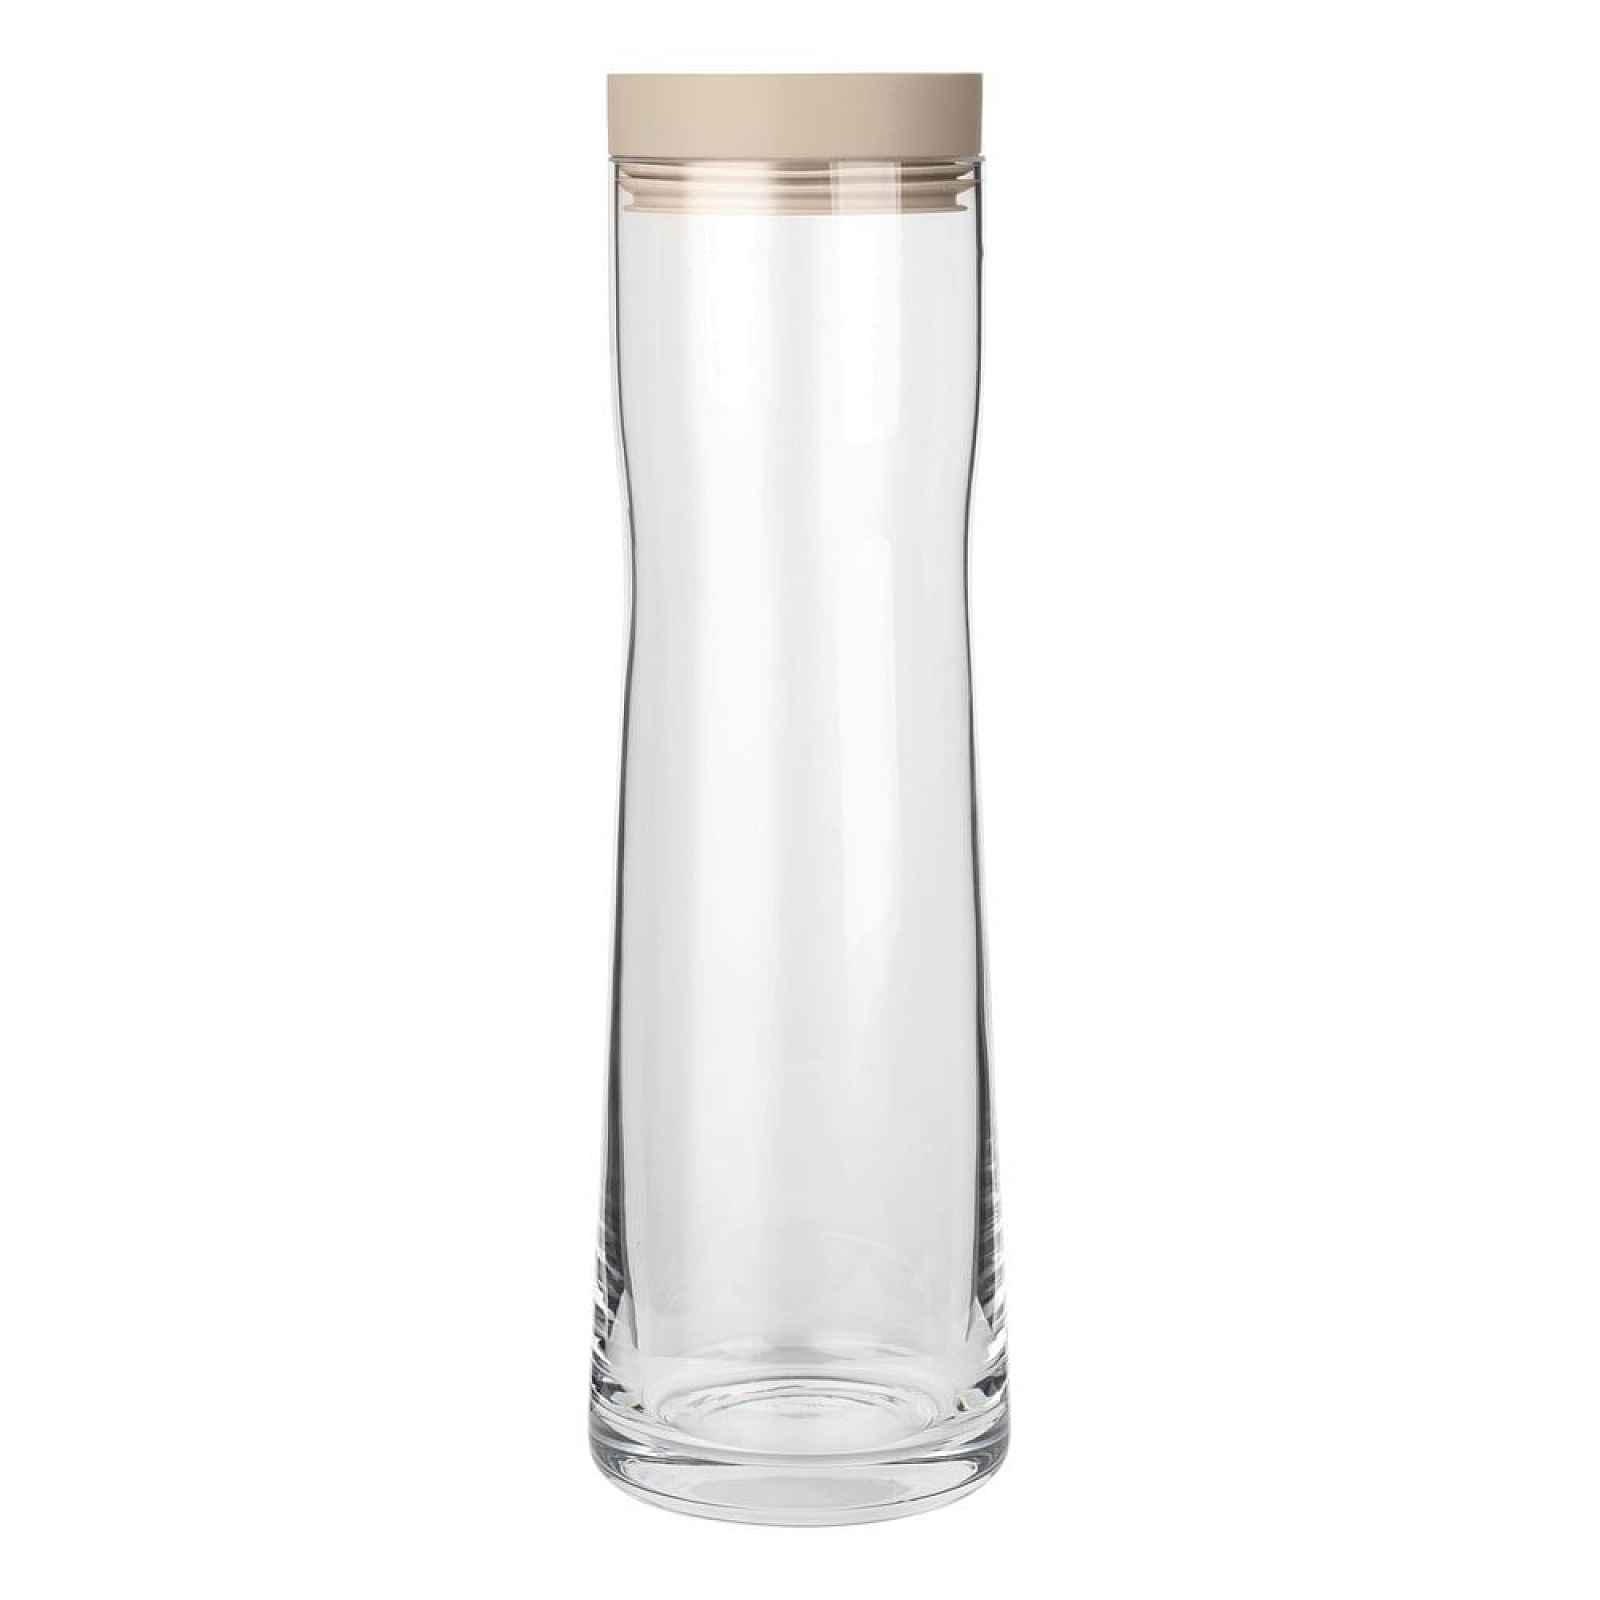 Skleněná karafa na vodu s béžovým silikonovým víčkem Blomus Aqua,1l